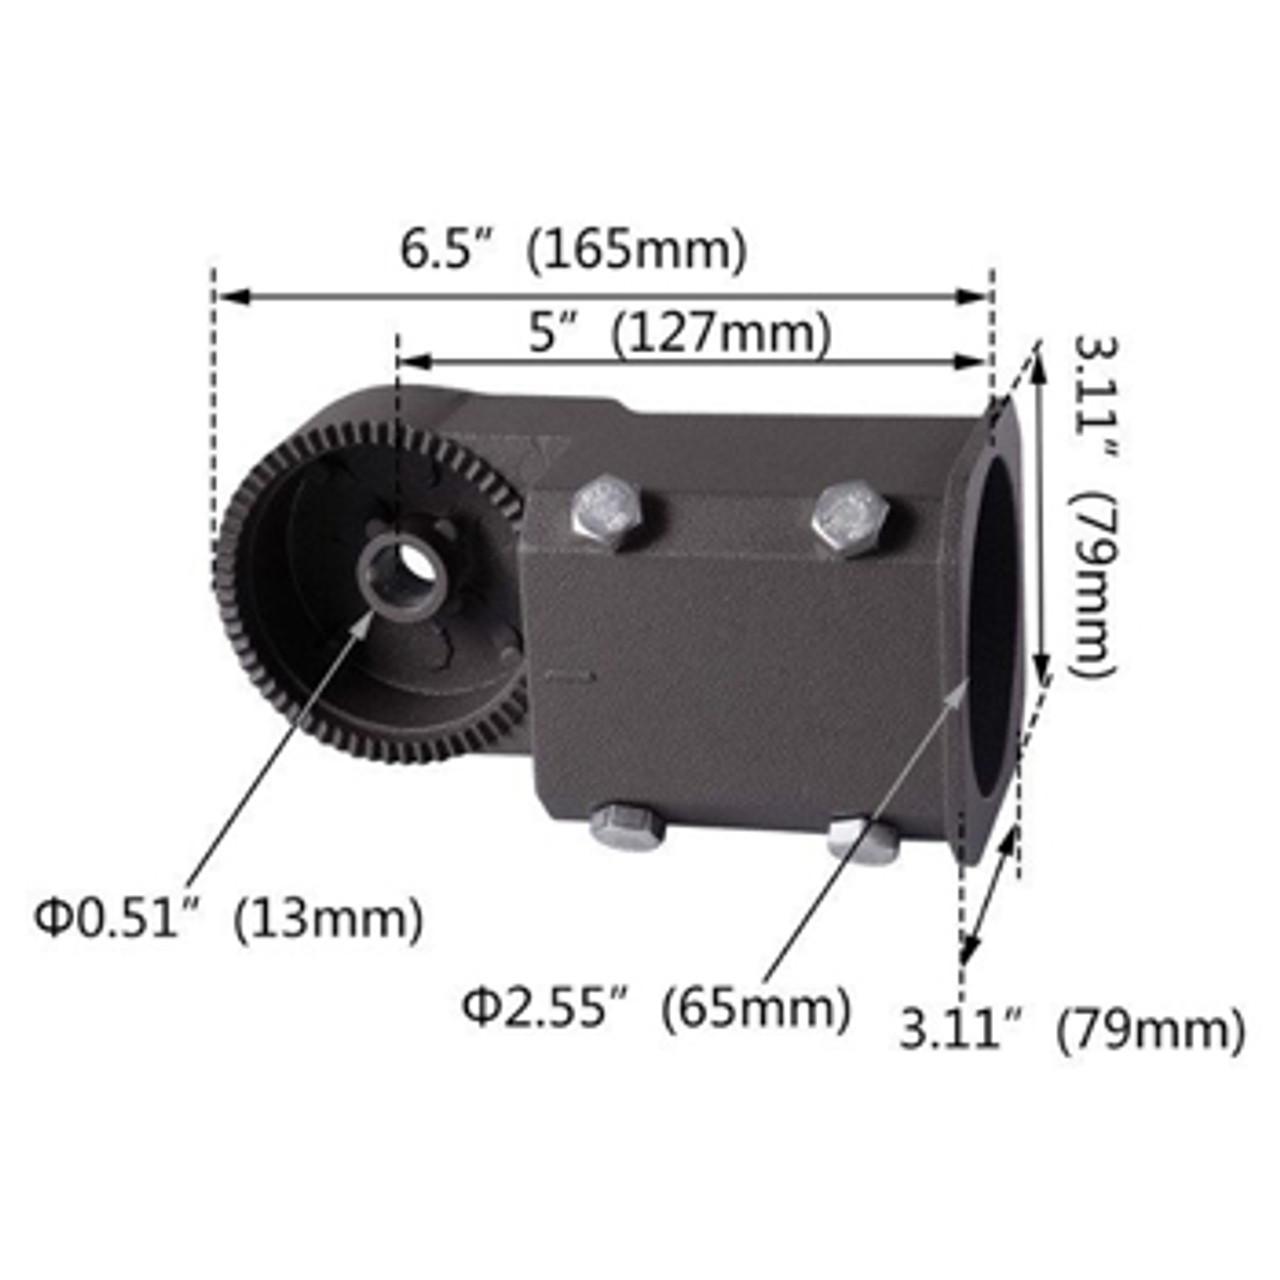 Adjustable Mount Slip Fitter Dimensions